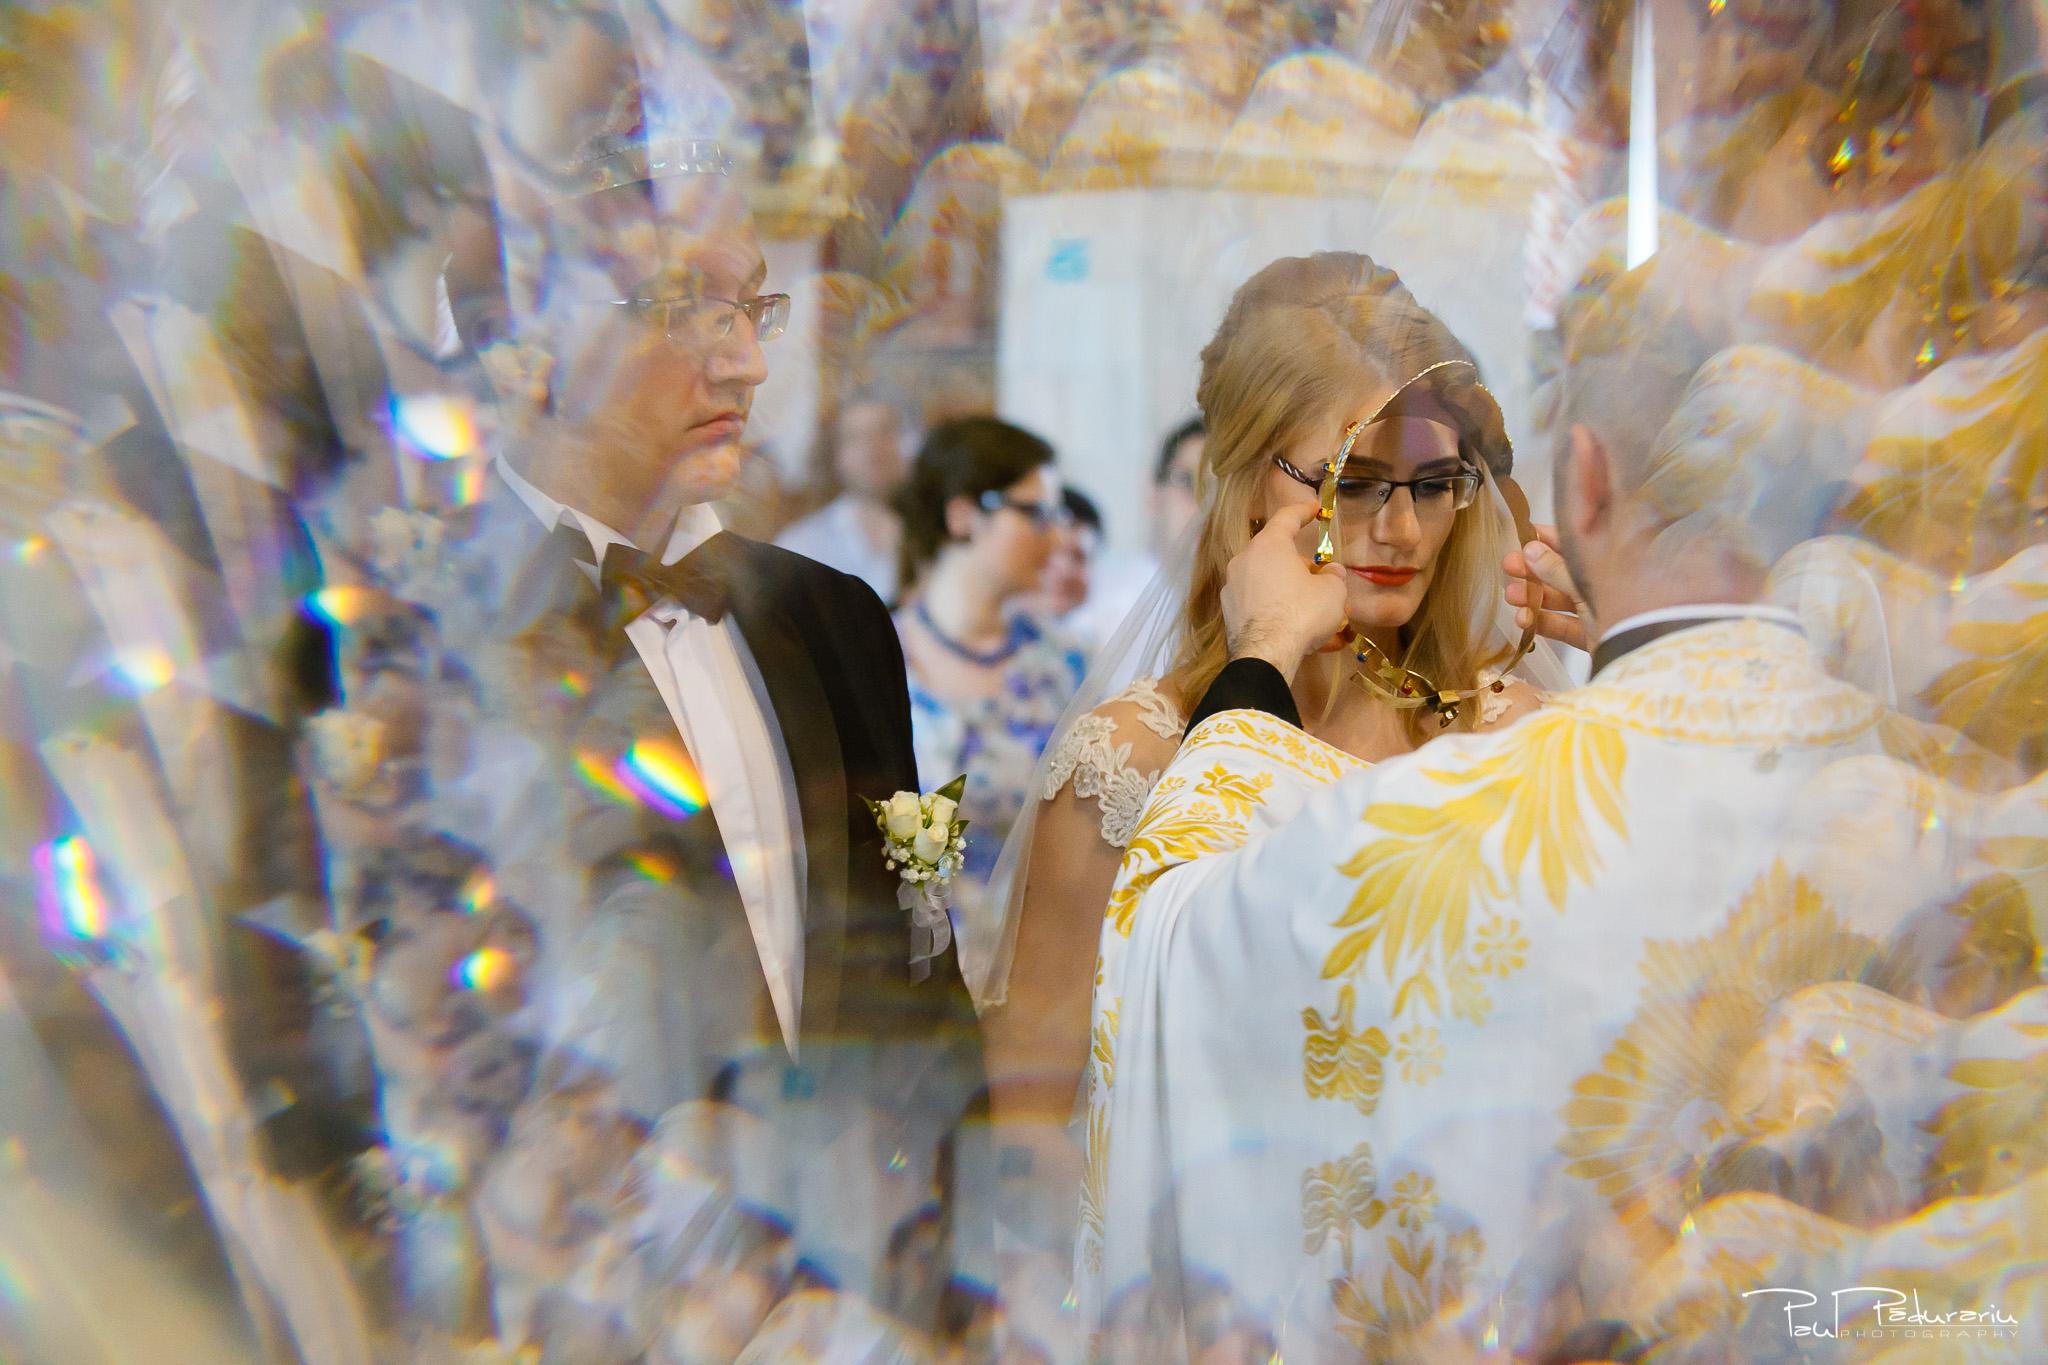 Anca si Razvan - cununia religioasa Biserica Sfantul Nectarie Alexandru Iasi - Paul Padurariu fotograf profesionist nunta iasi www.paulpadurariu.ro © 2018 Paul Padurariu 4